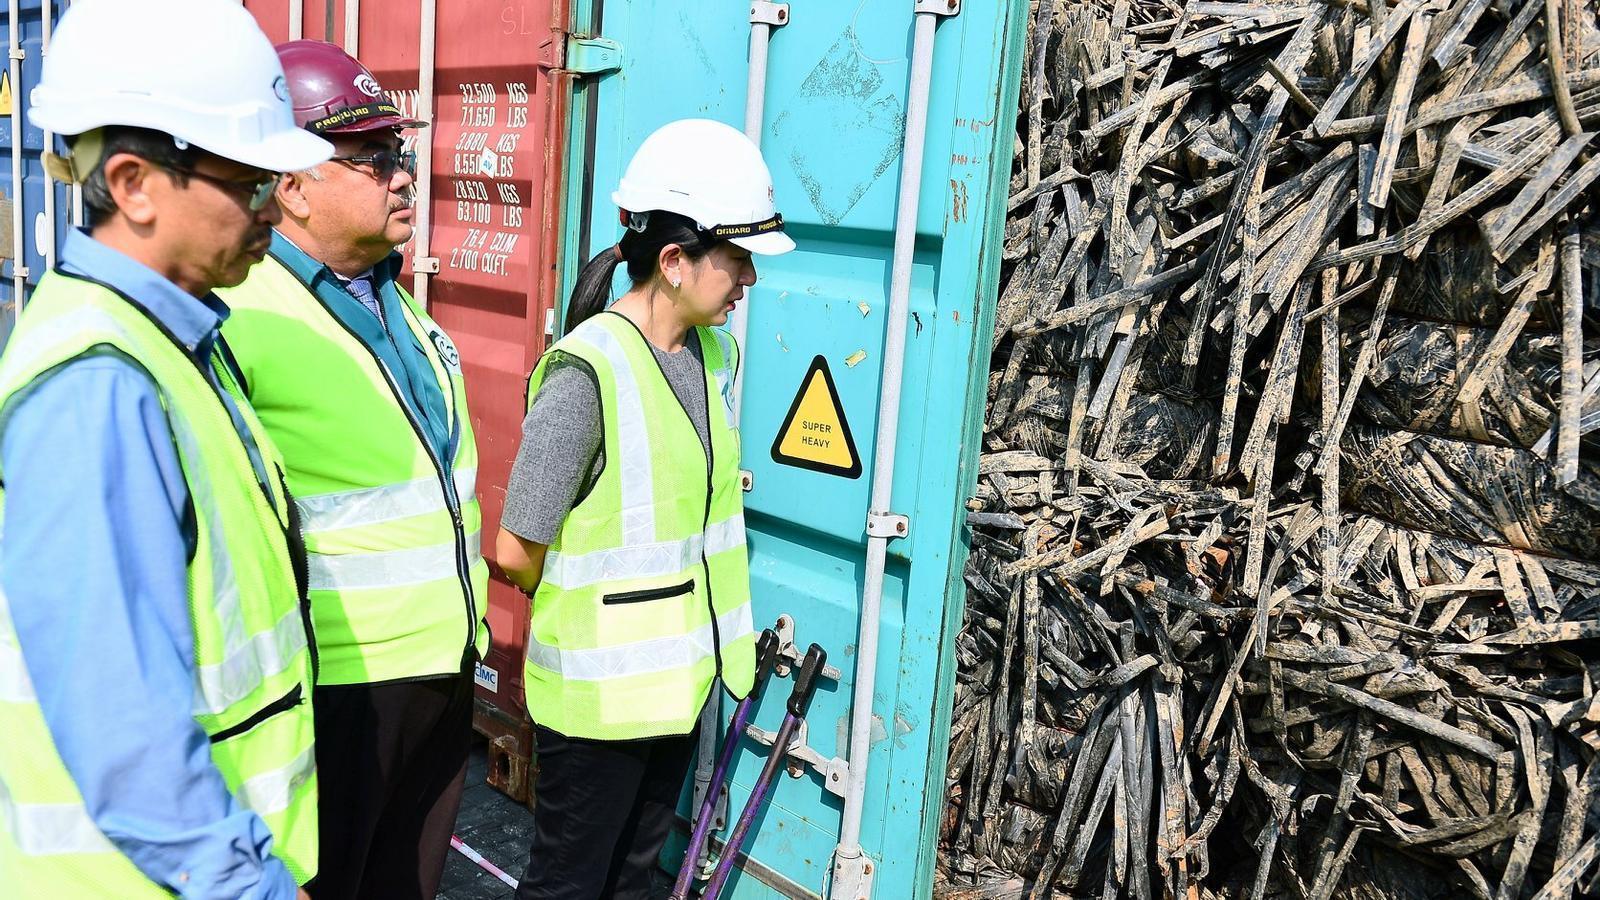 Malasia acusa a España de enviarle toneladas de residuos plásticos ilegales